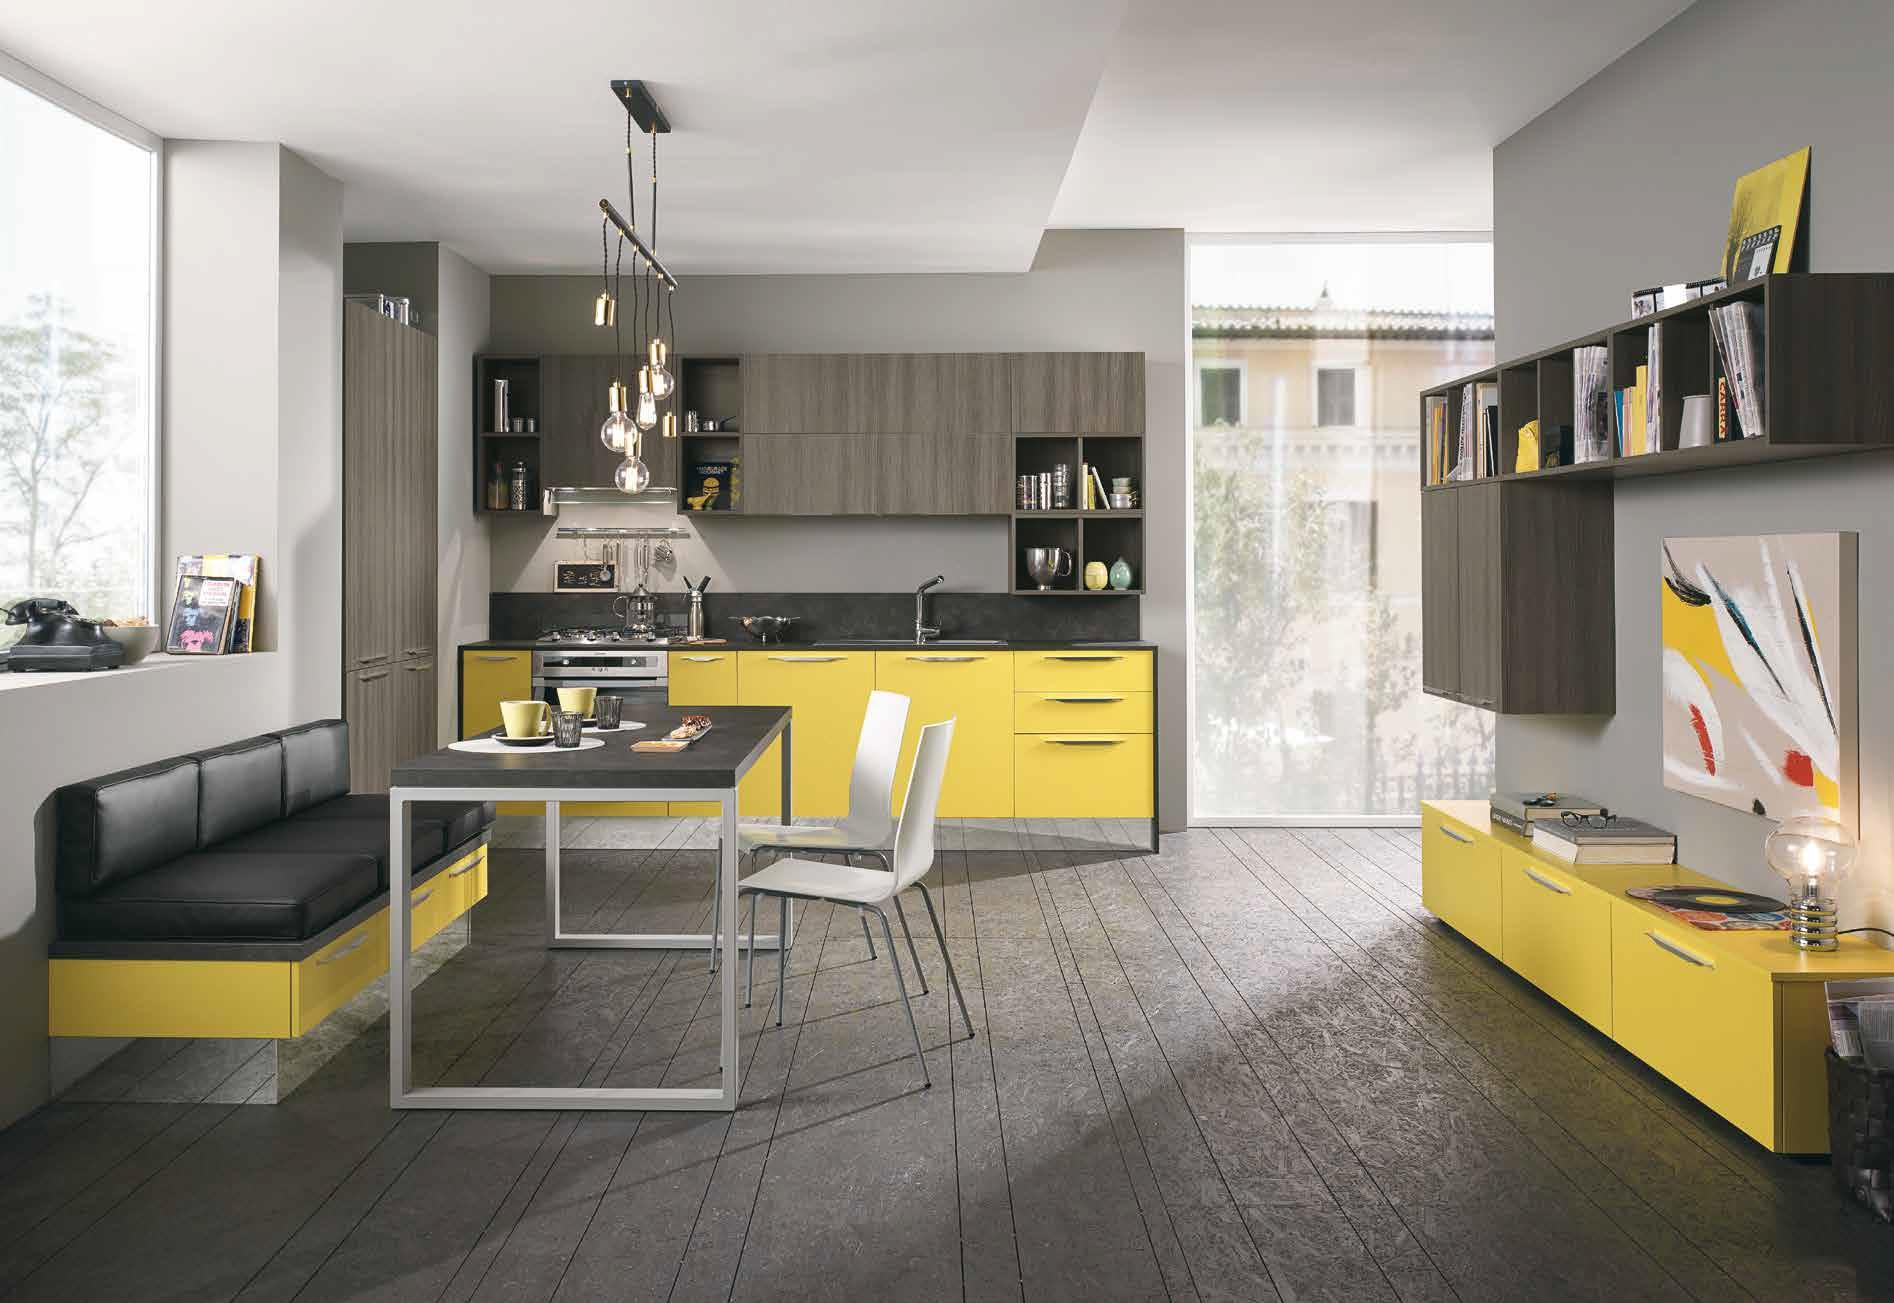 Top cucina colorati medium size of idee arredamento for Idee arredamento cucine moderne